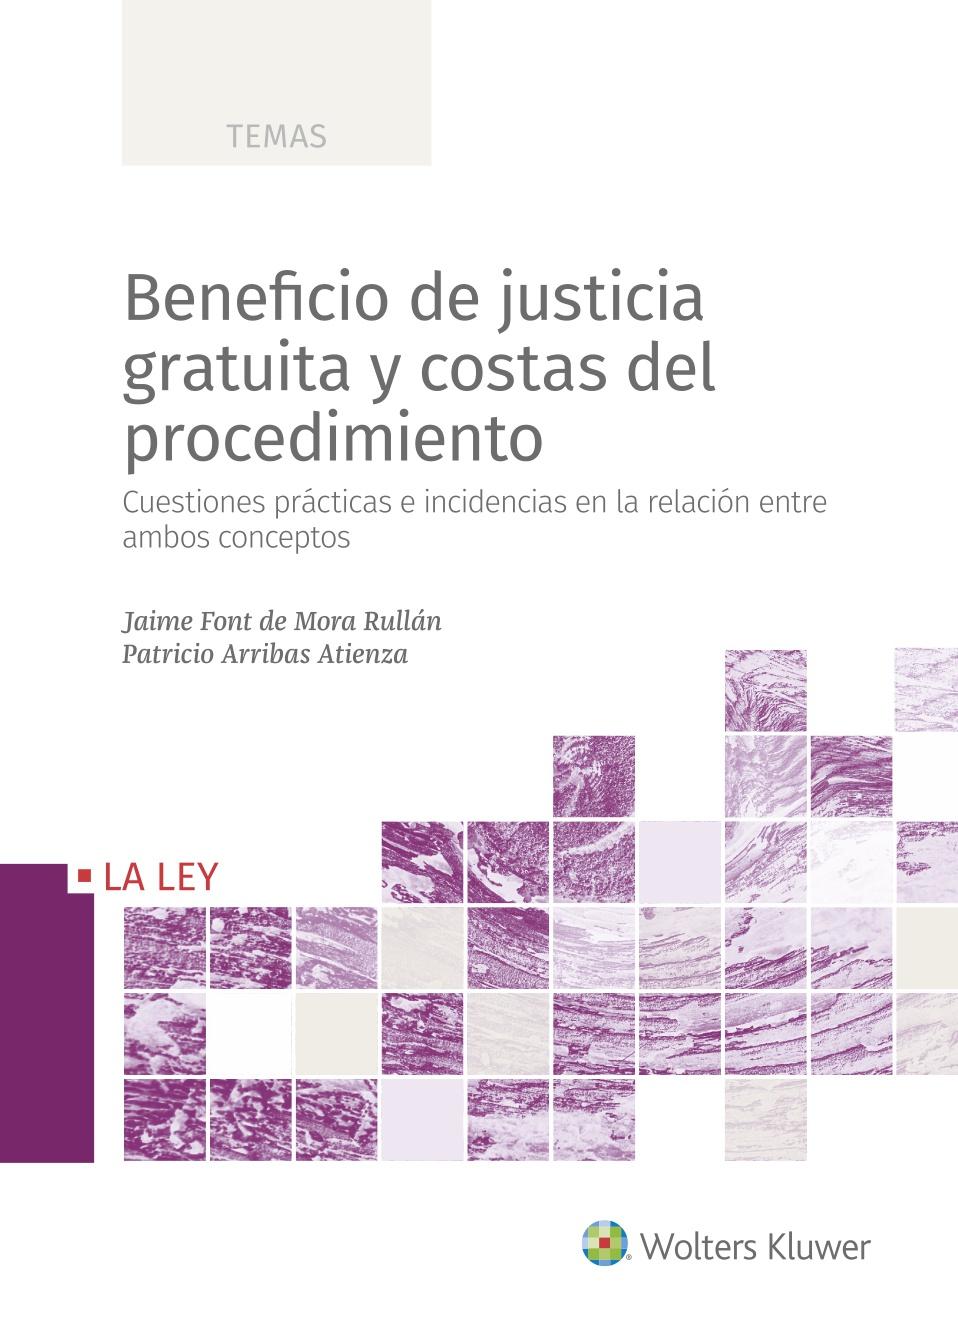 Beneficio de justicia gratuita y costas del procedimiento   «Cuestiones prácticas e incidencias en la relación entre ambos conceptos»